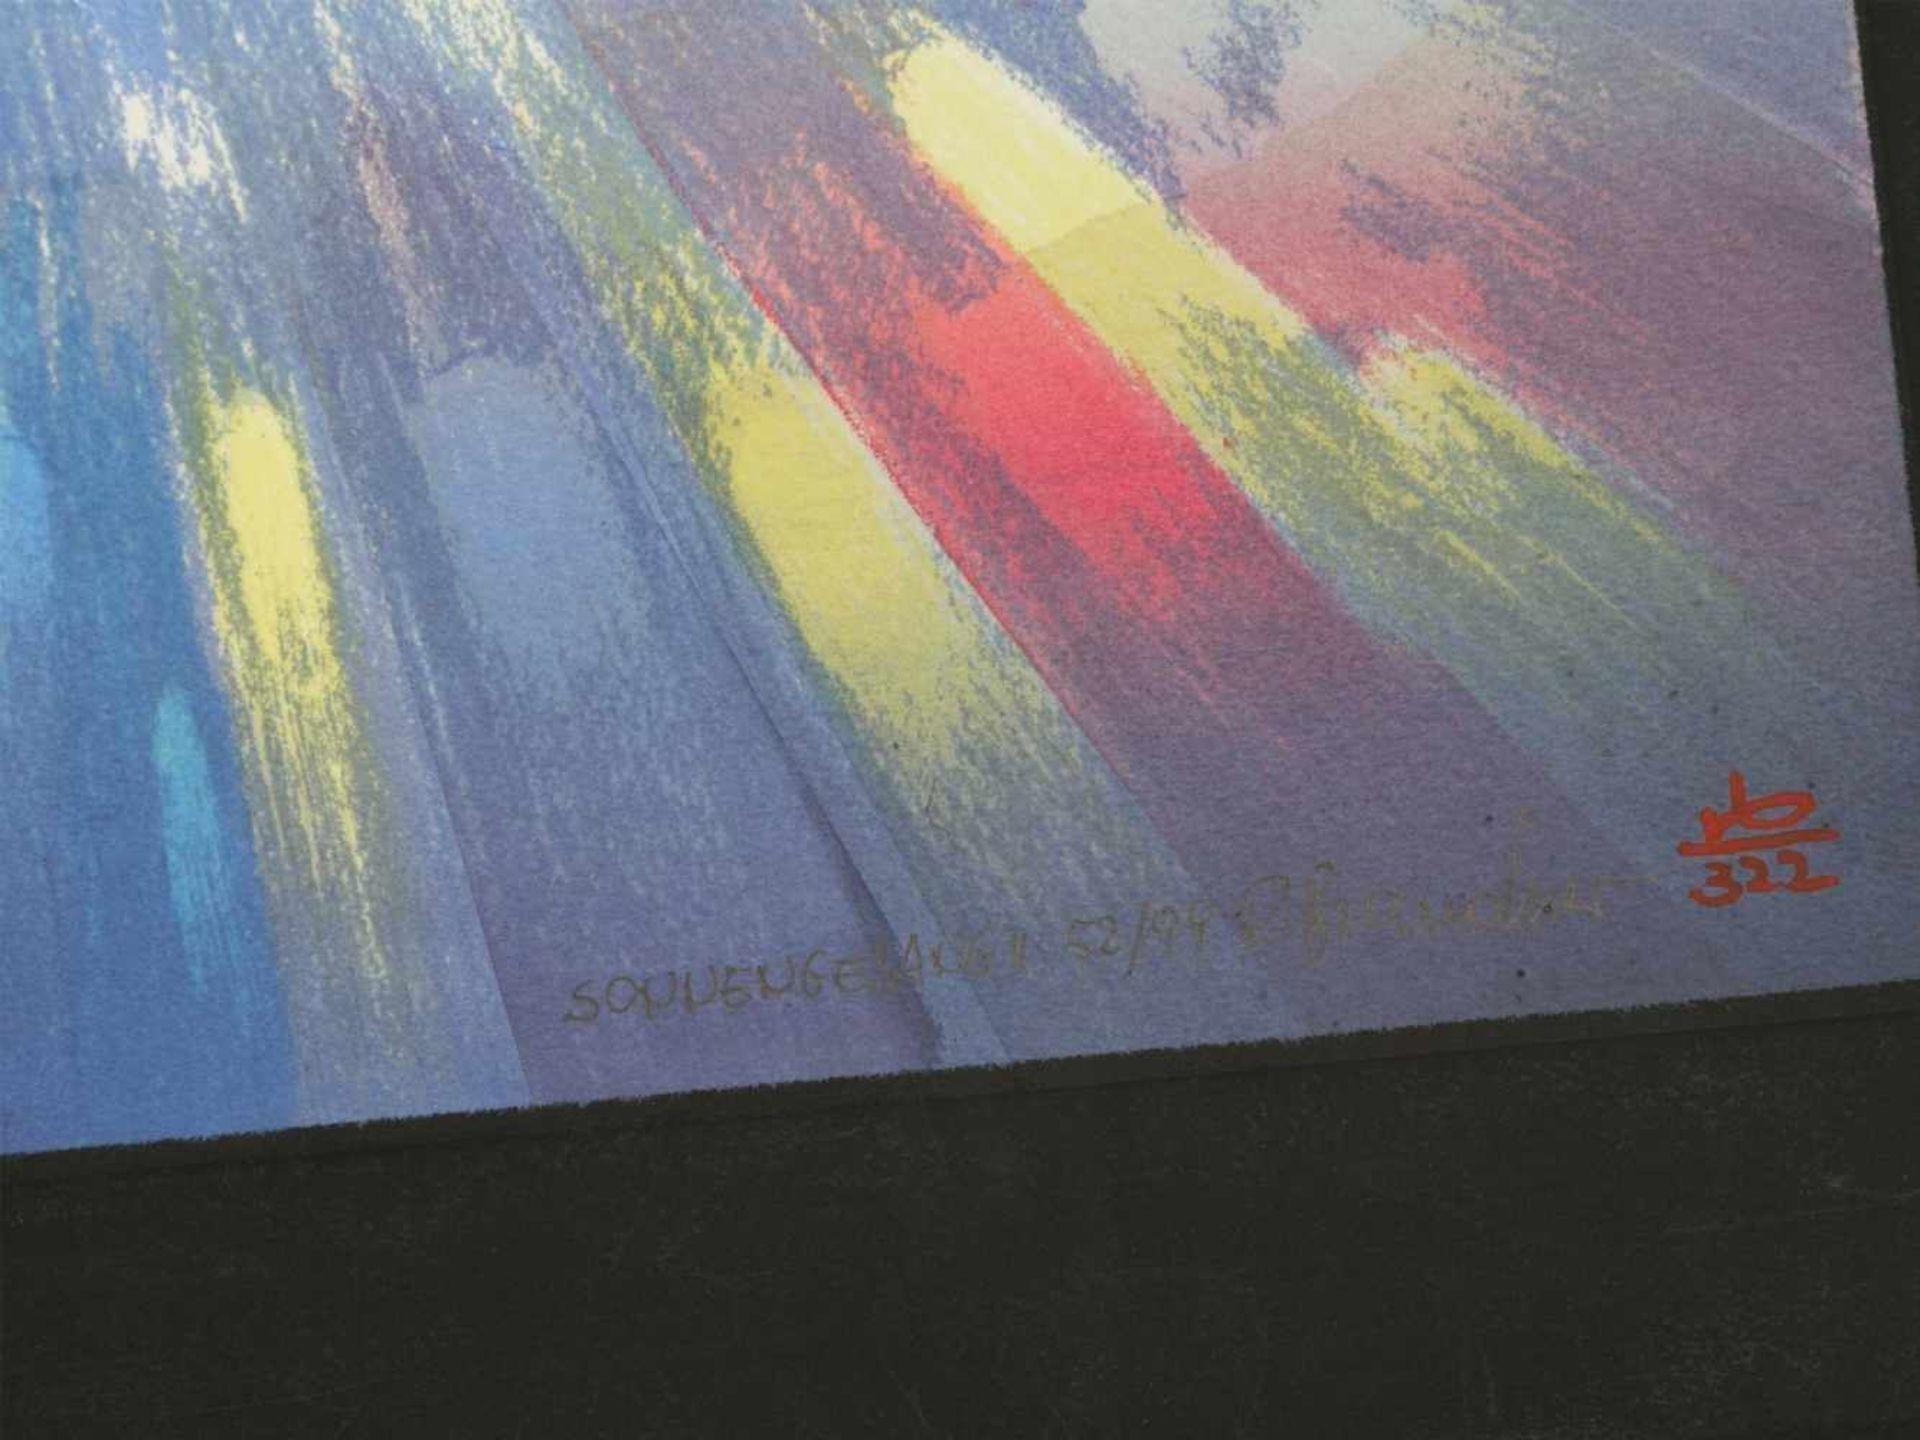 Los 39 - Brandner, Reinhard (1938) - Sonnengesang II und IV Manugrafien 52/99 und 56/99Aufregende